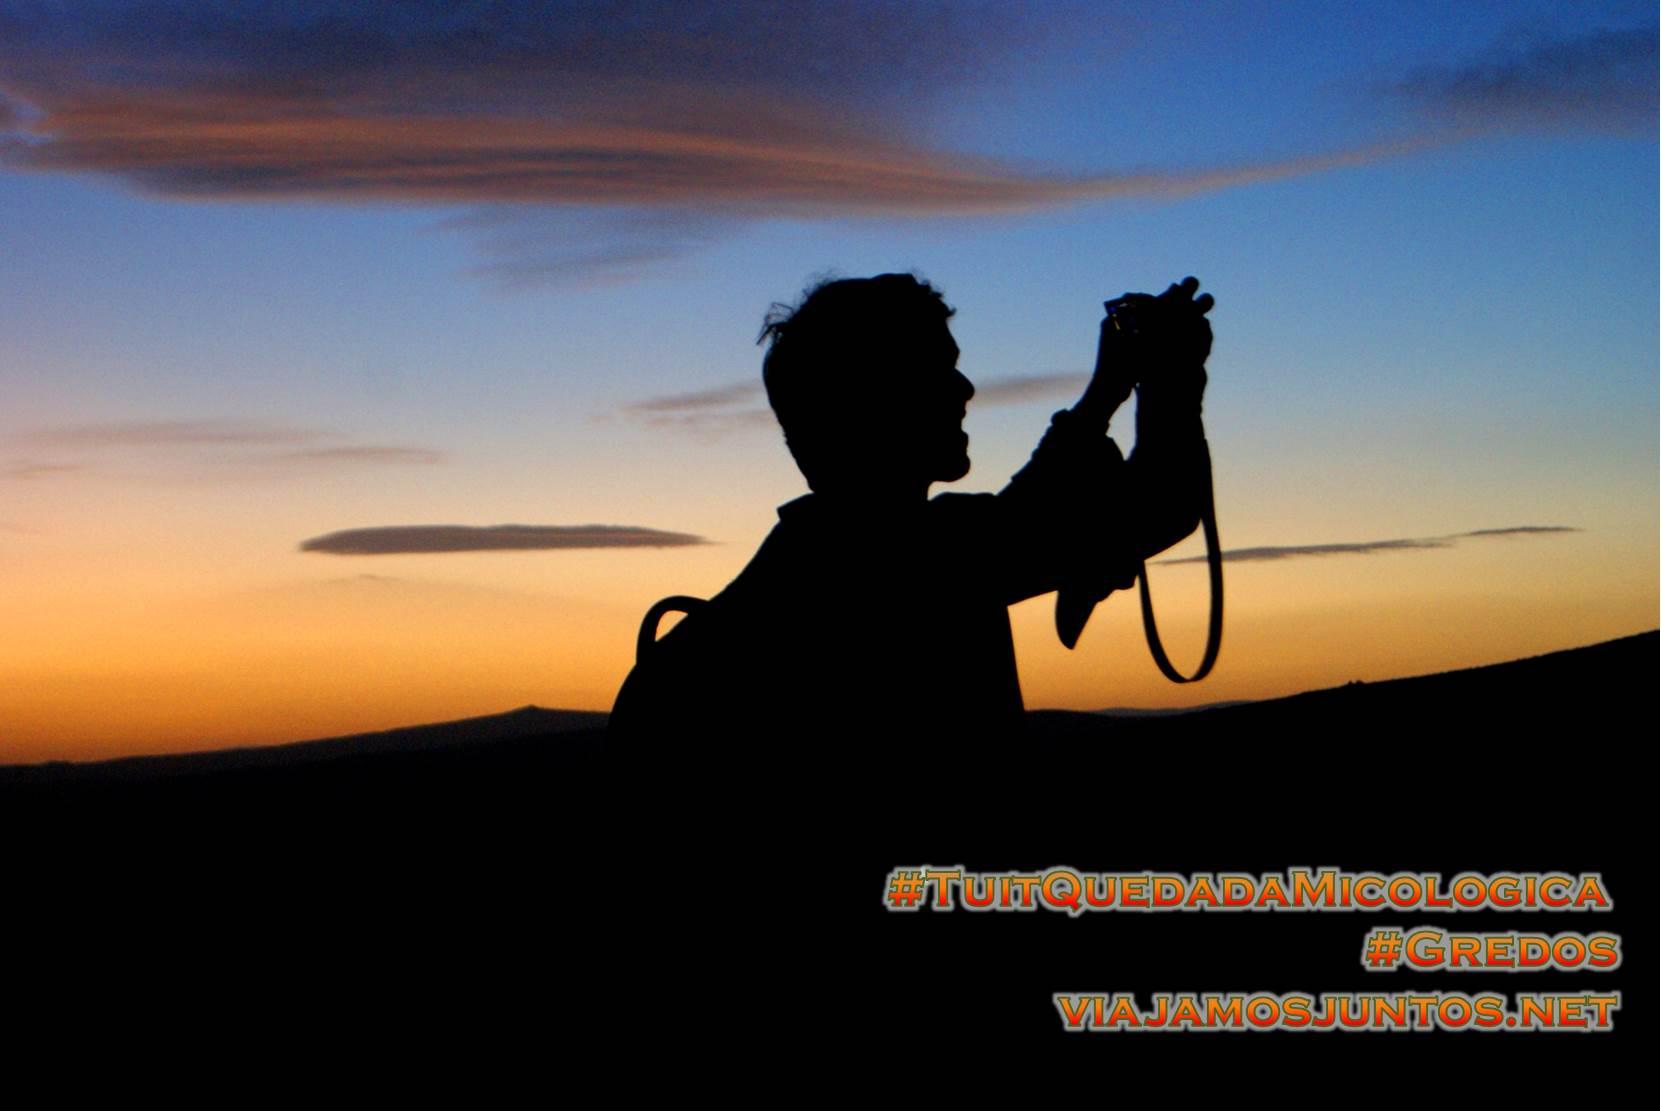 Haciendo fotos al atardecer en el Cerro Gallinero, Hoyocasero, Gredos, durante la #TuitQuedadaMicologica